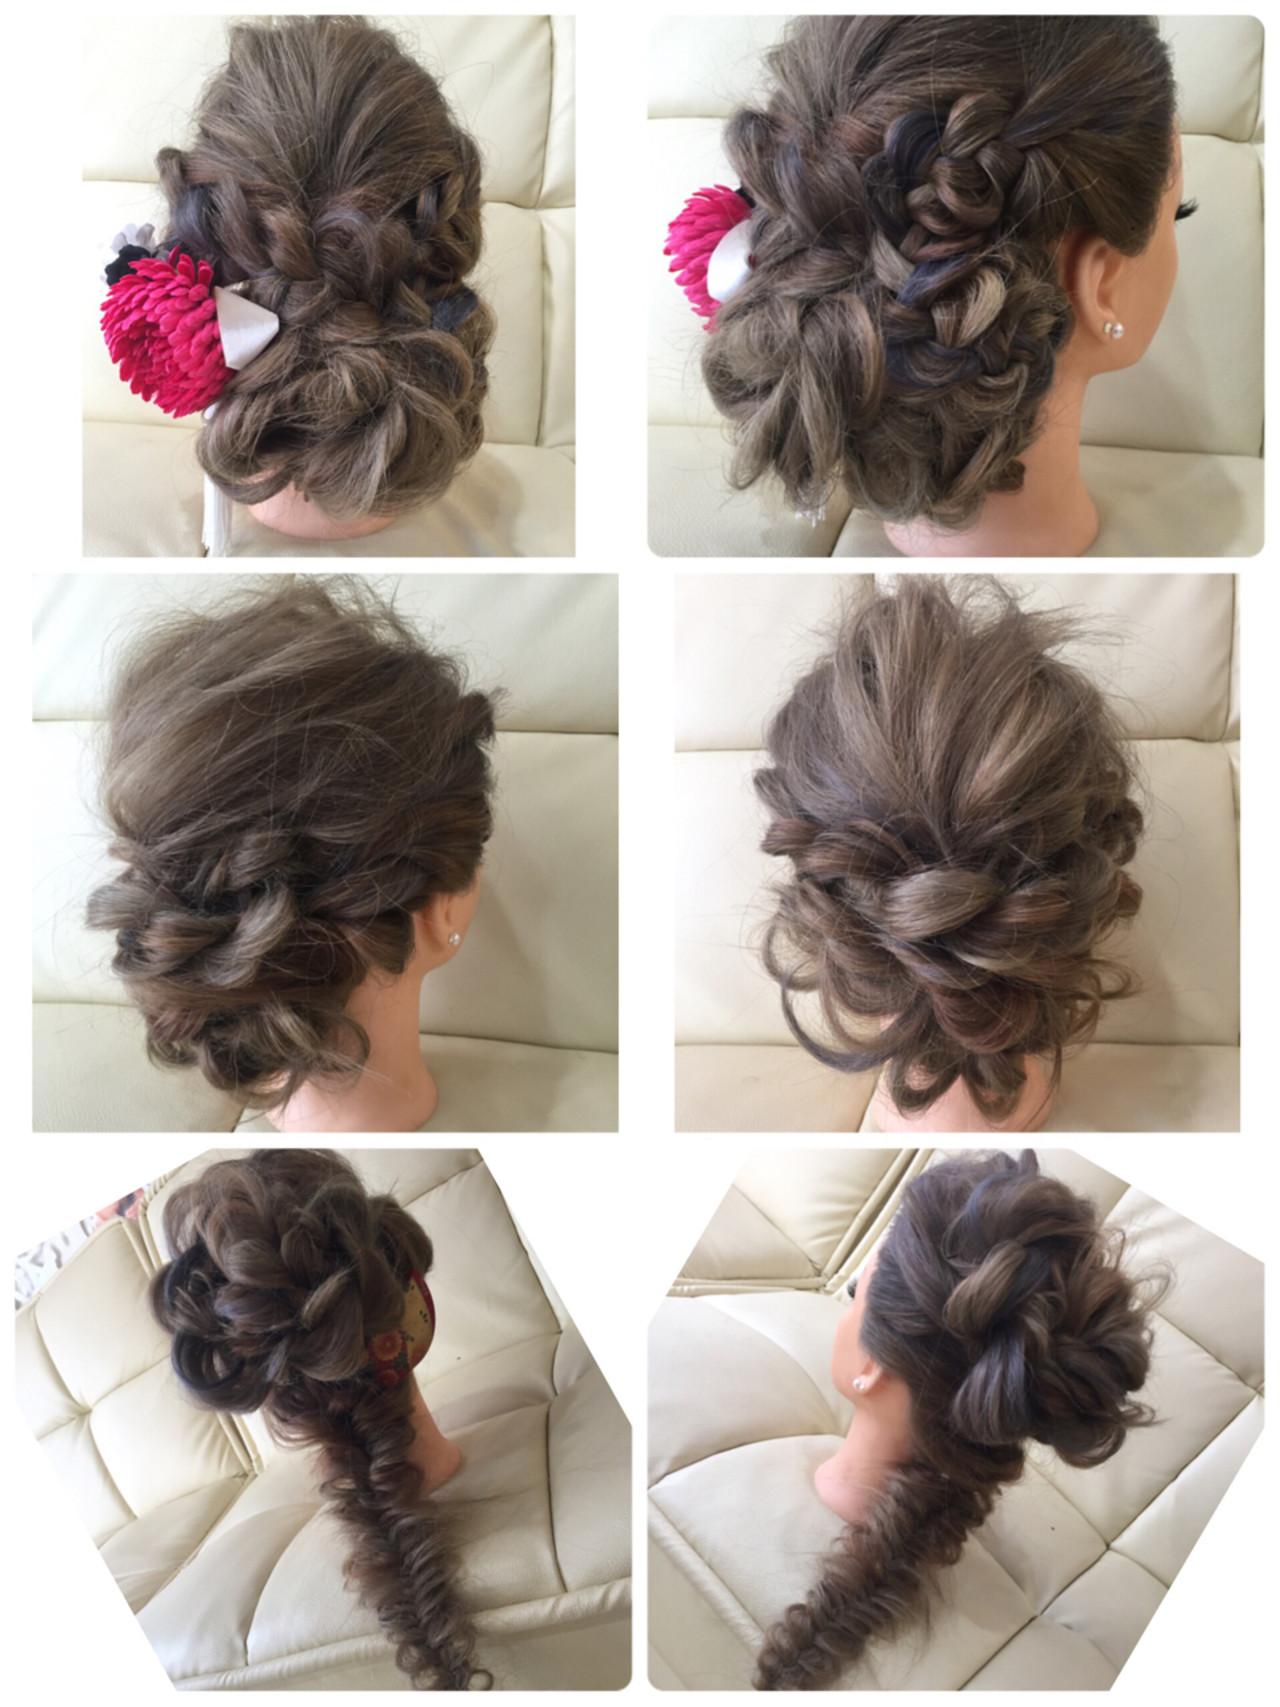 フィッシュボーン セミロング 編み込み ポニーテール ヘアスタイルや髪型の写真・画像 | Mai @hairset&MAKE-UP / M : Zau